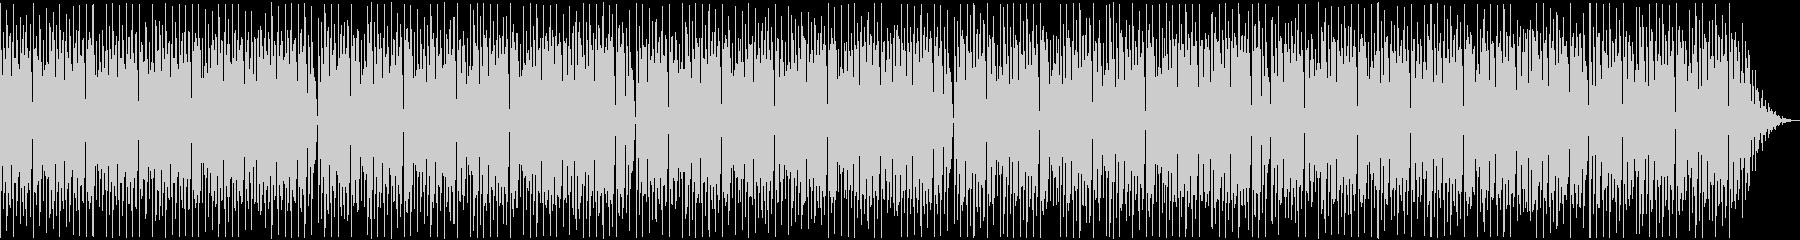 ほのぼのBGM!スロー(ピアノとバンド)の未再生の波形